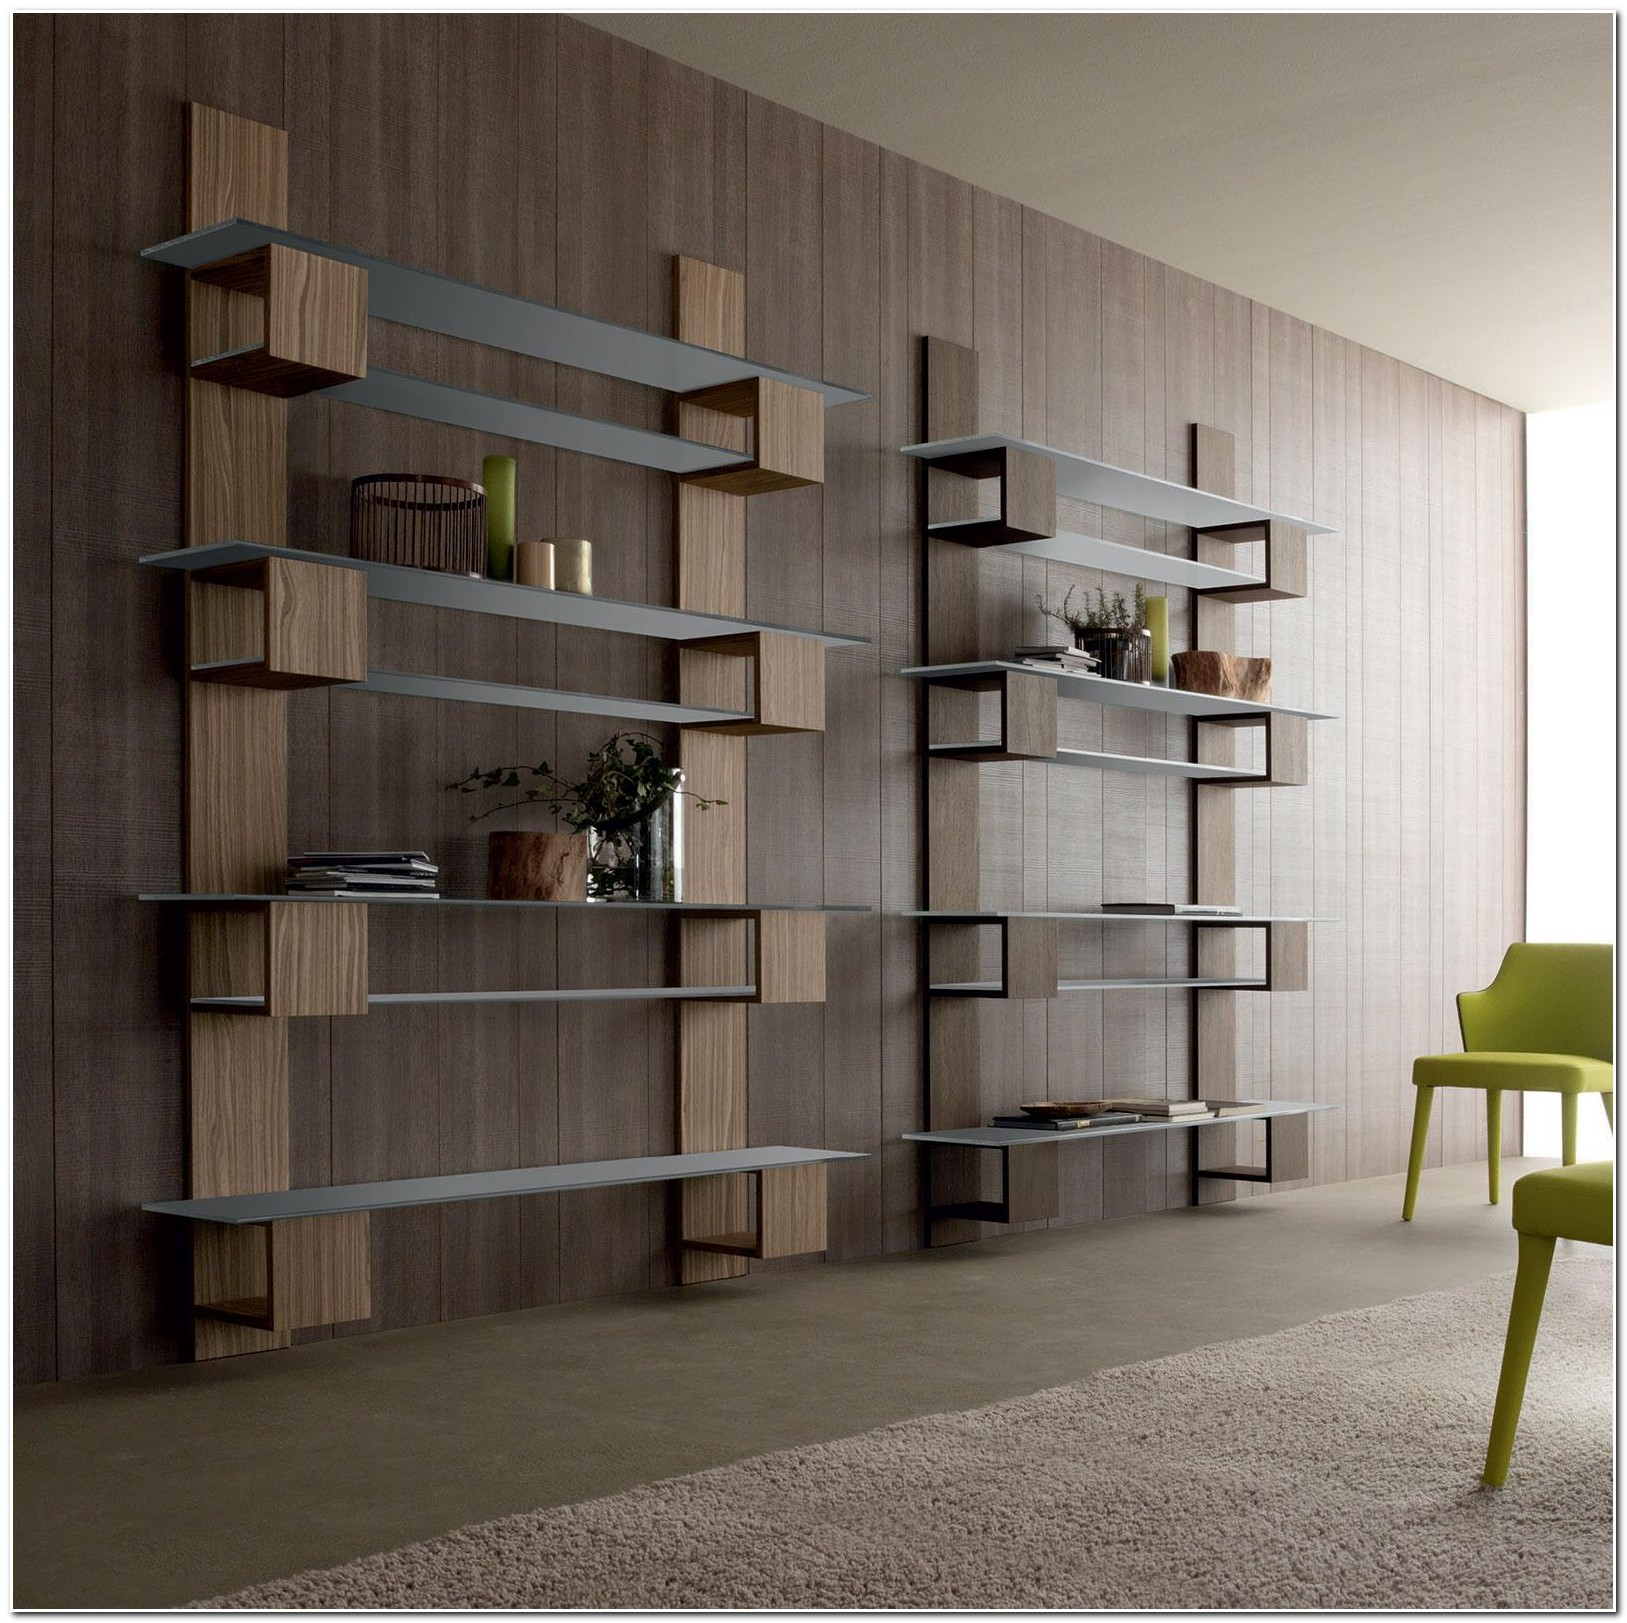 Meuble Bibliotheque Design Contemporain